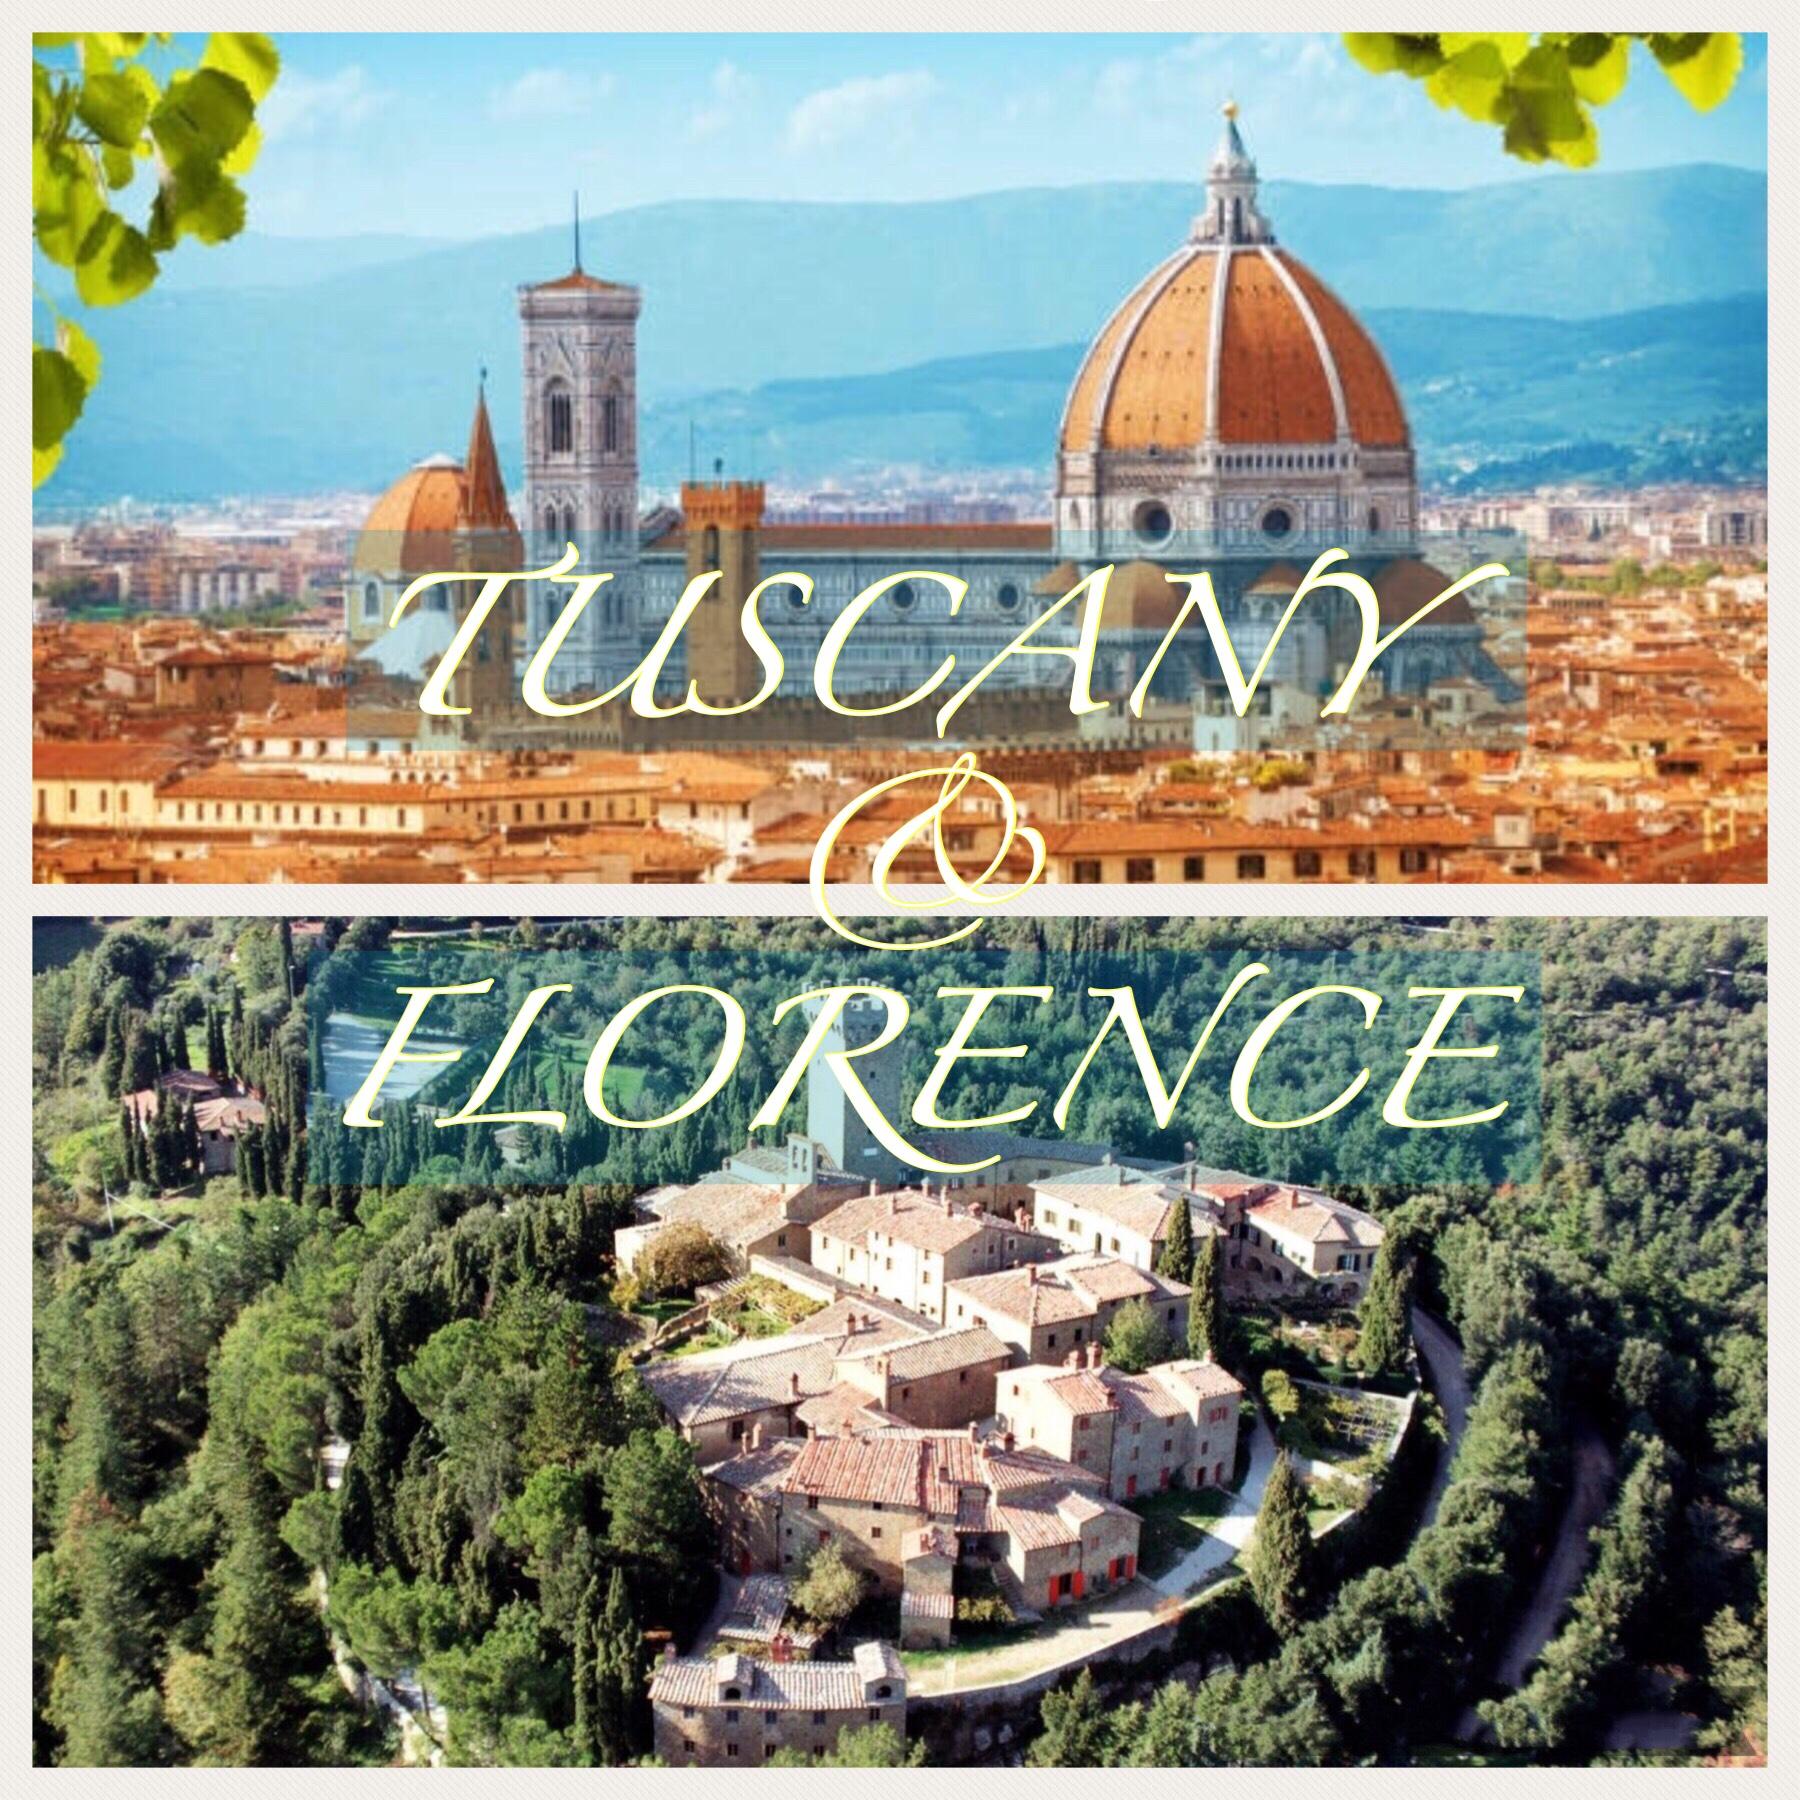 Tuscany art holiday.jpg